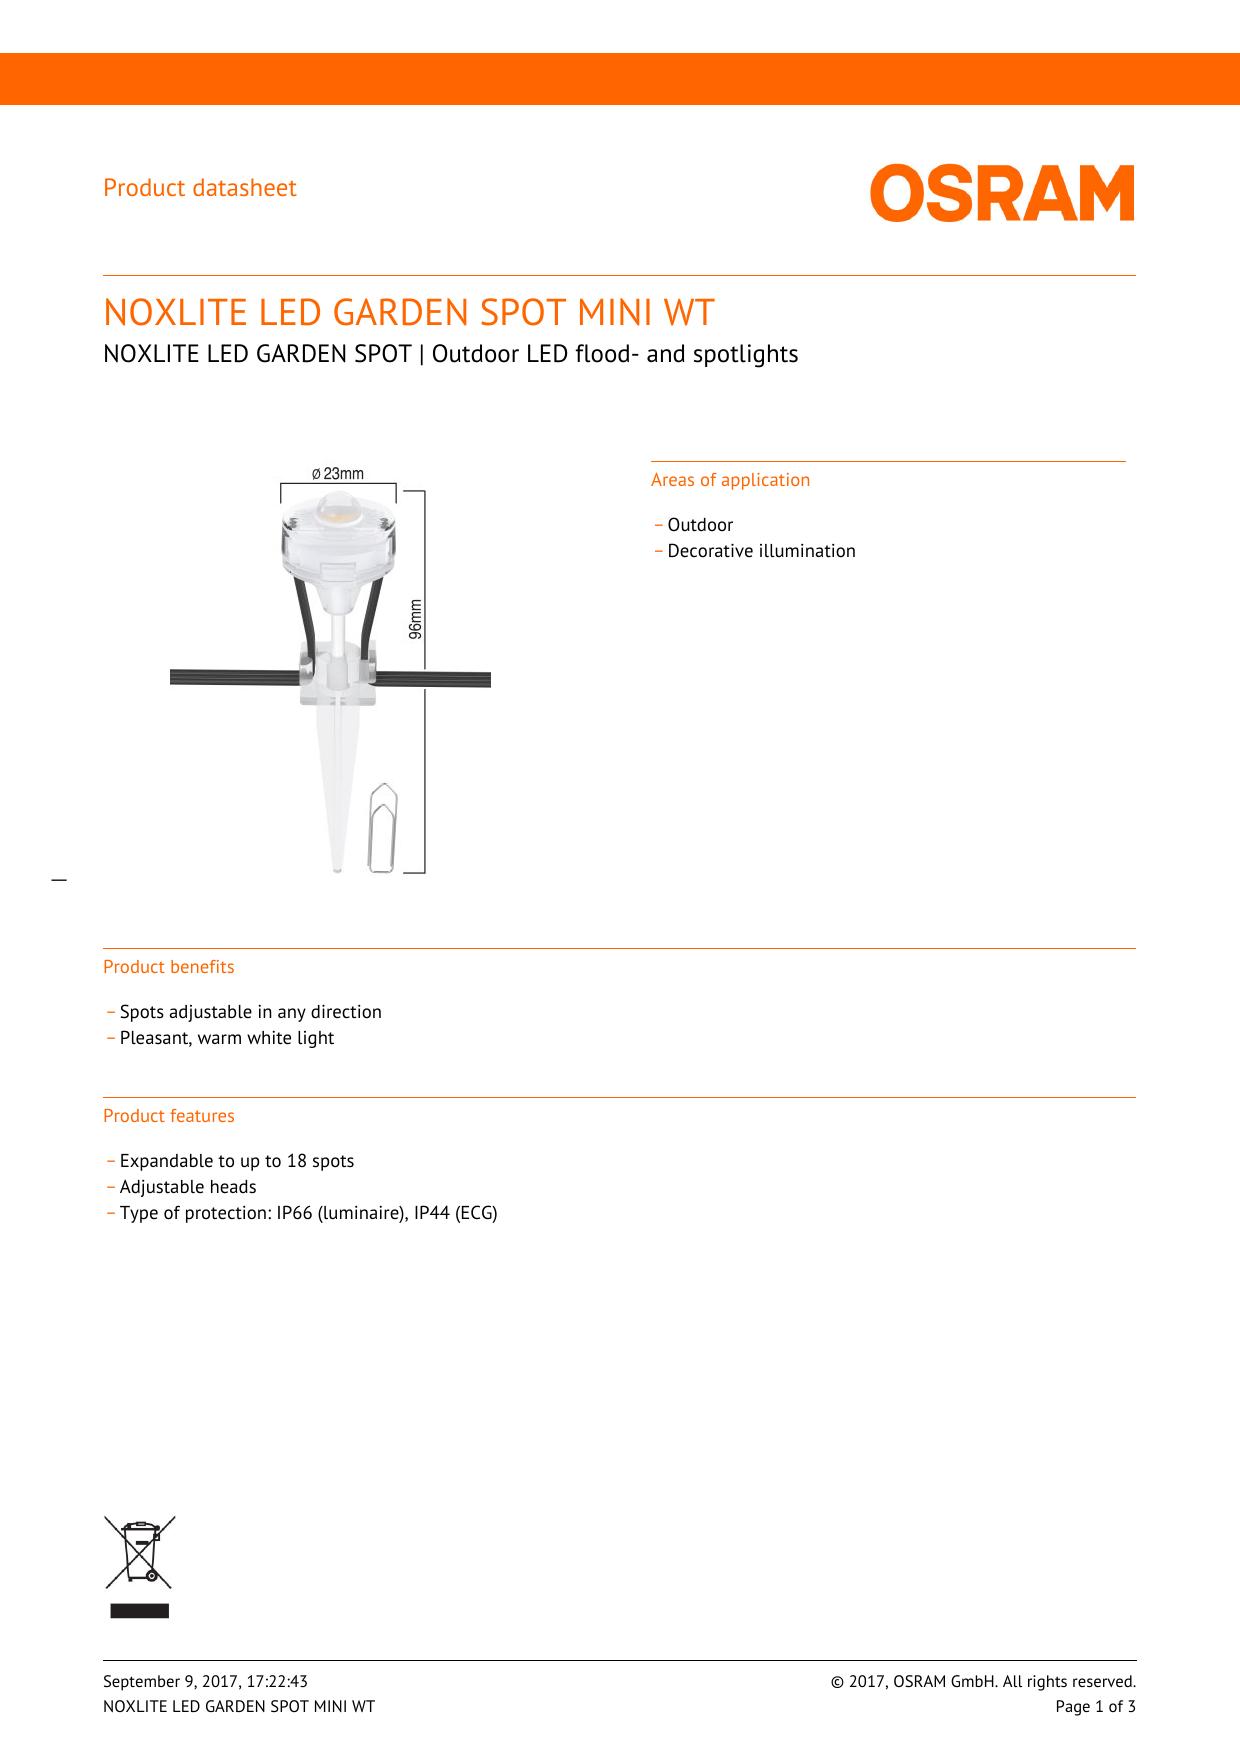 noxlite led garden spot mini wt | manualzz com